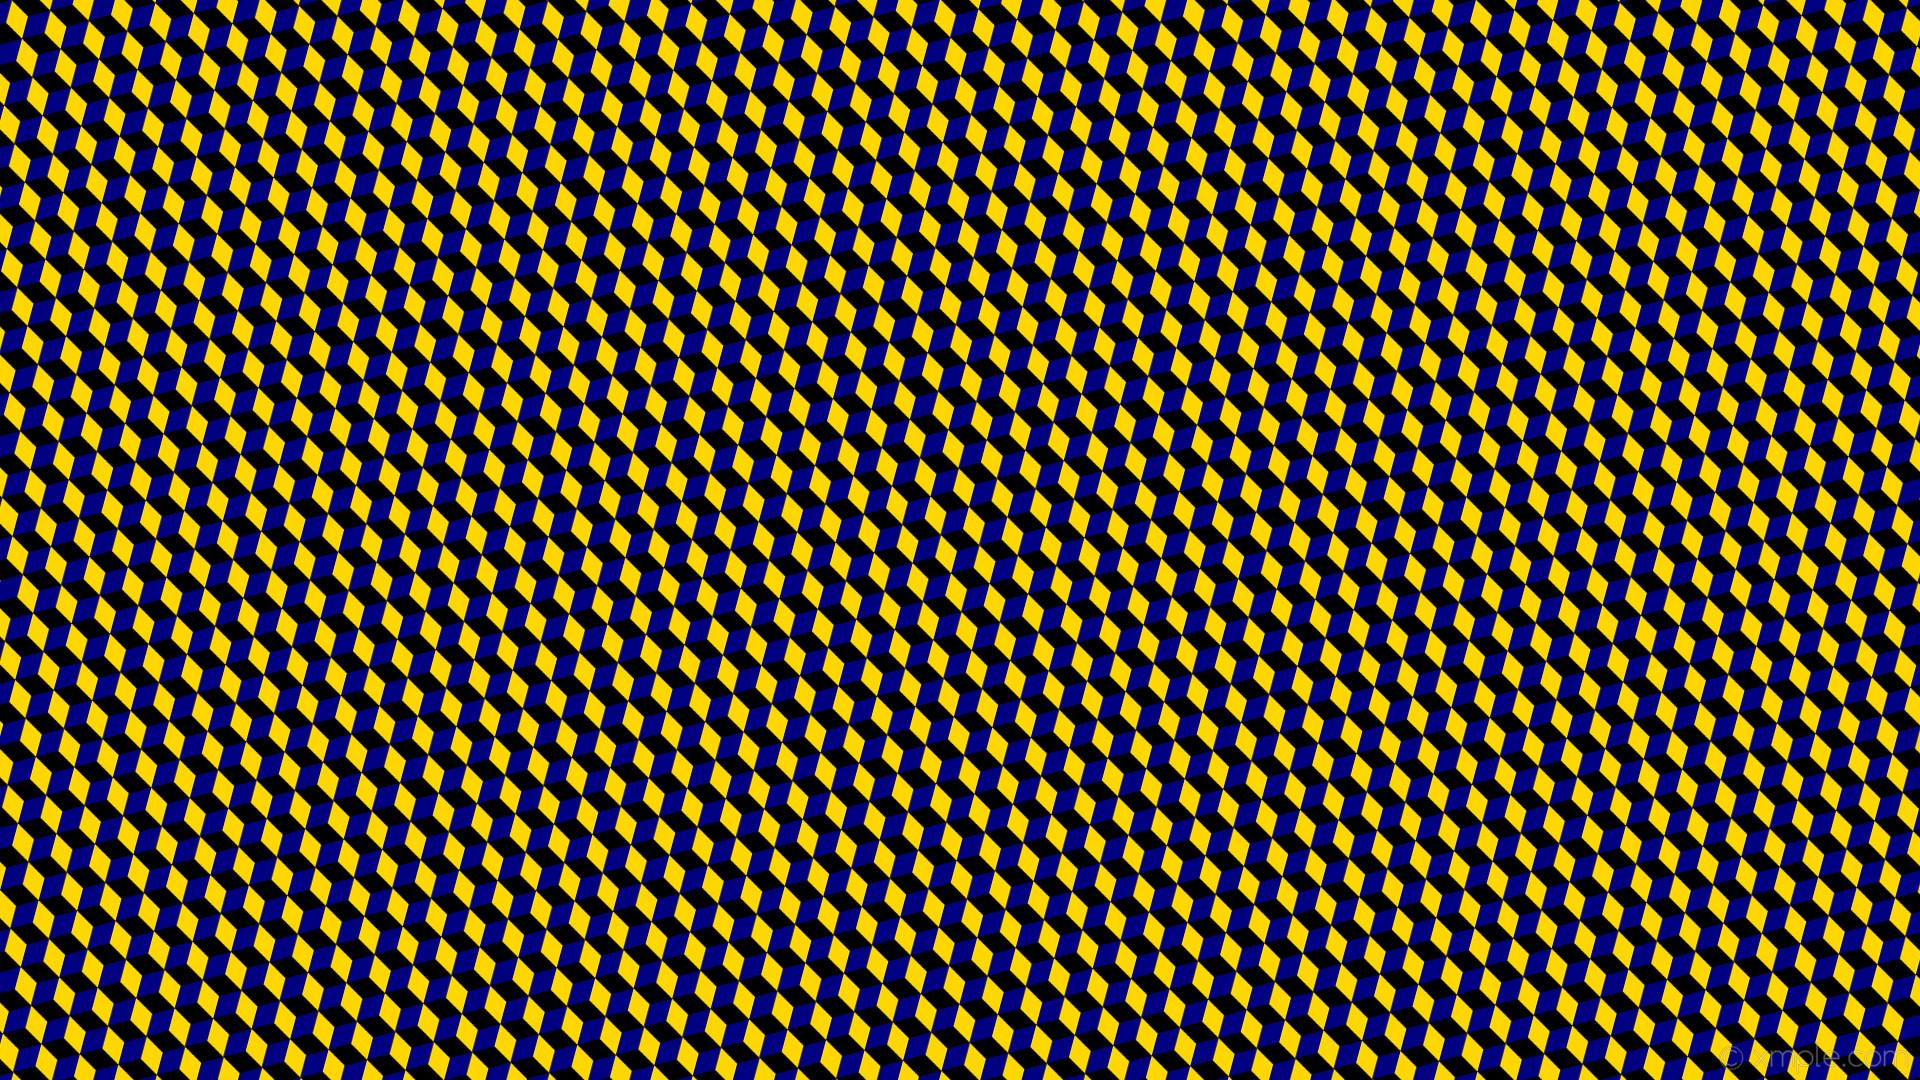 wallpaper yellow 3d cubes blue black gold navy #000000 #ffd700 #000080 165°